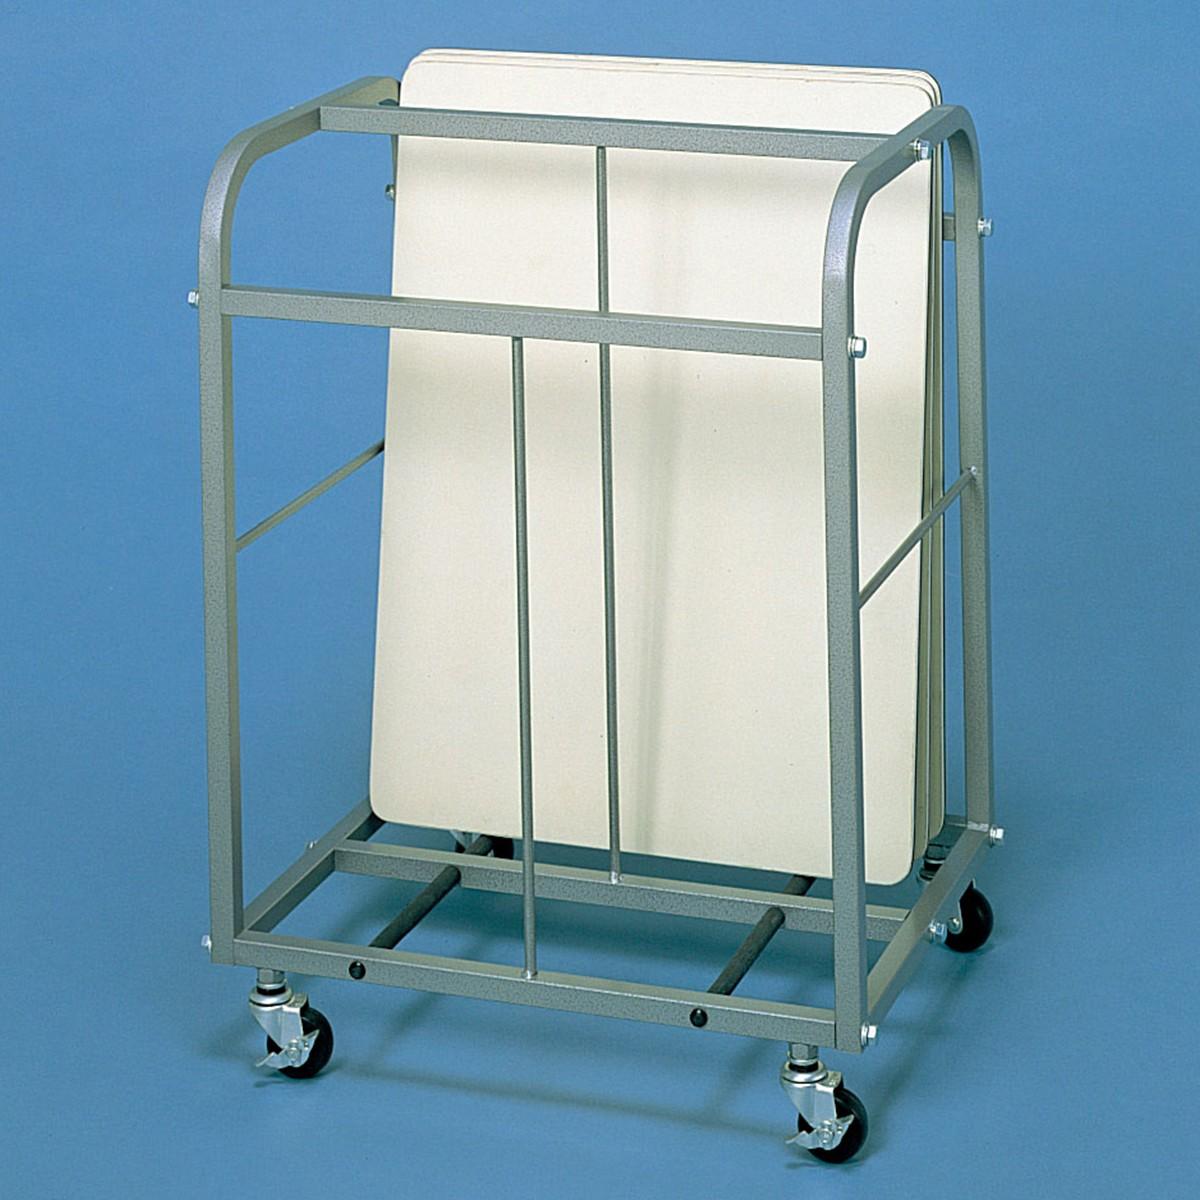 画板整理箱 GH型 スチール製・組立式 【 整理 箱 画板 キャスター 】